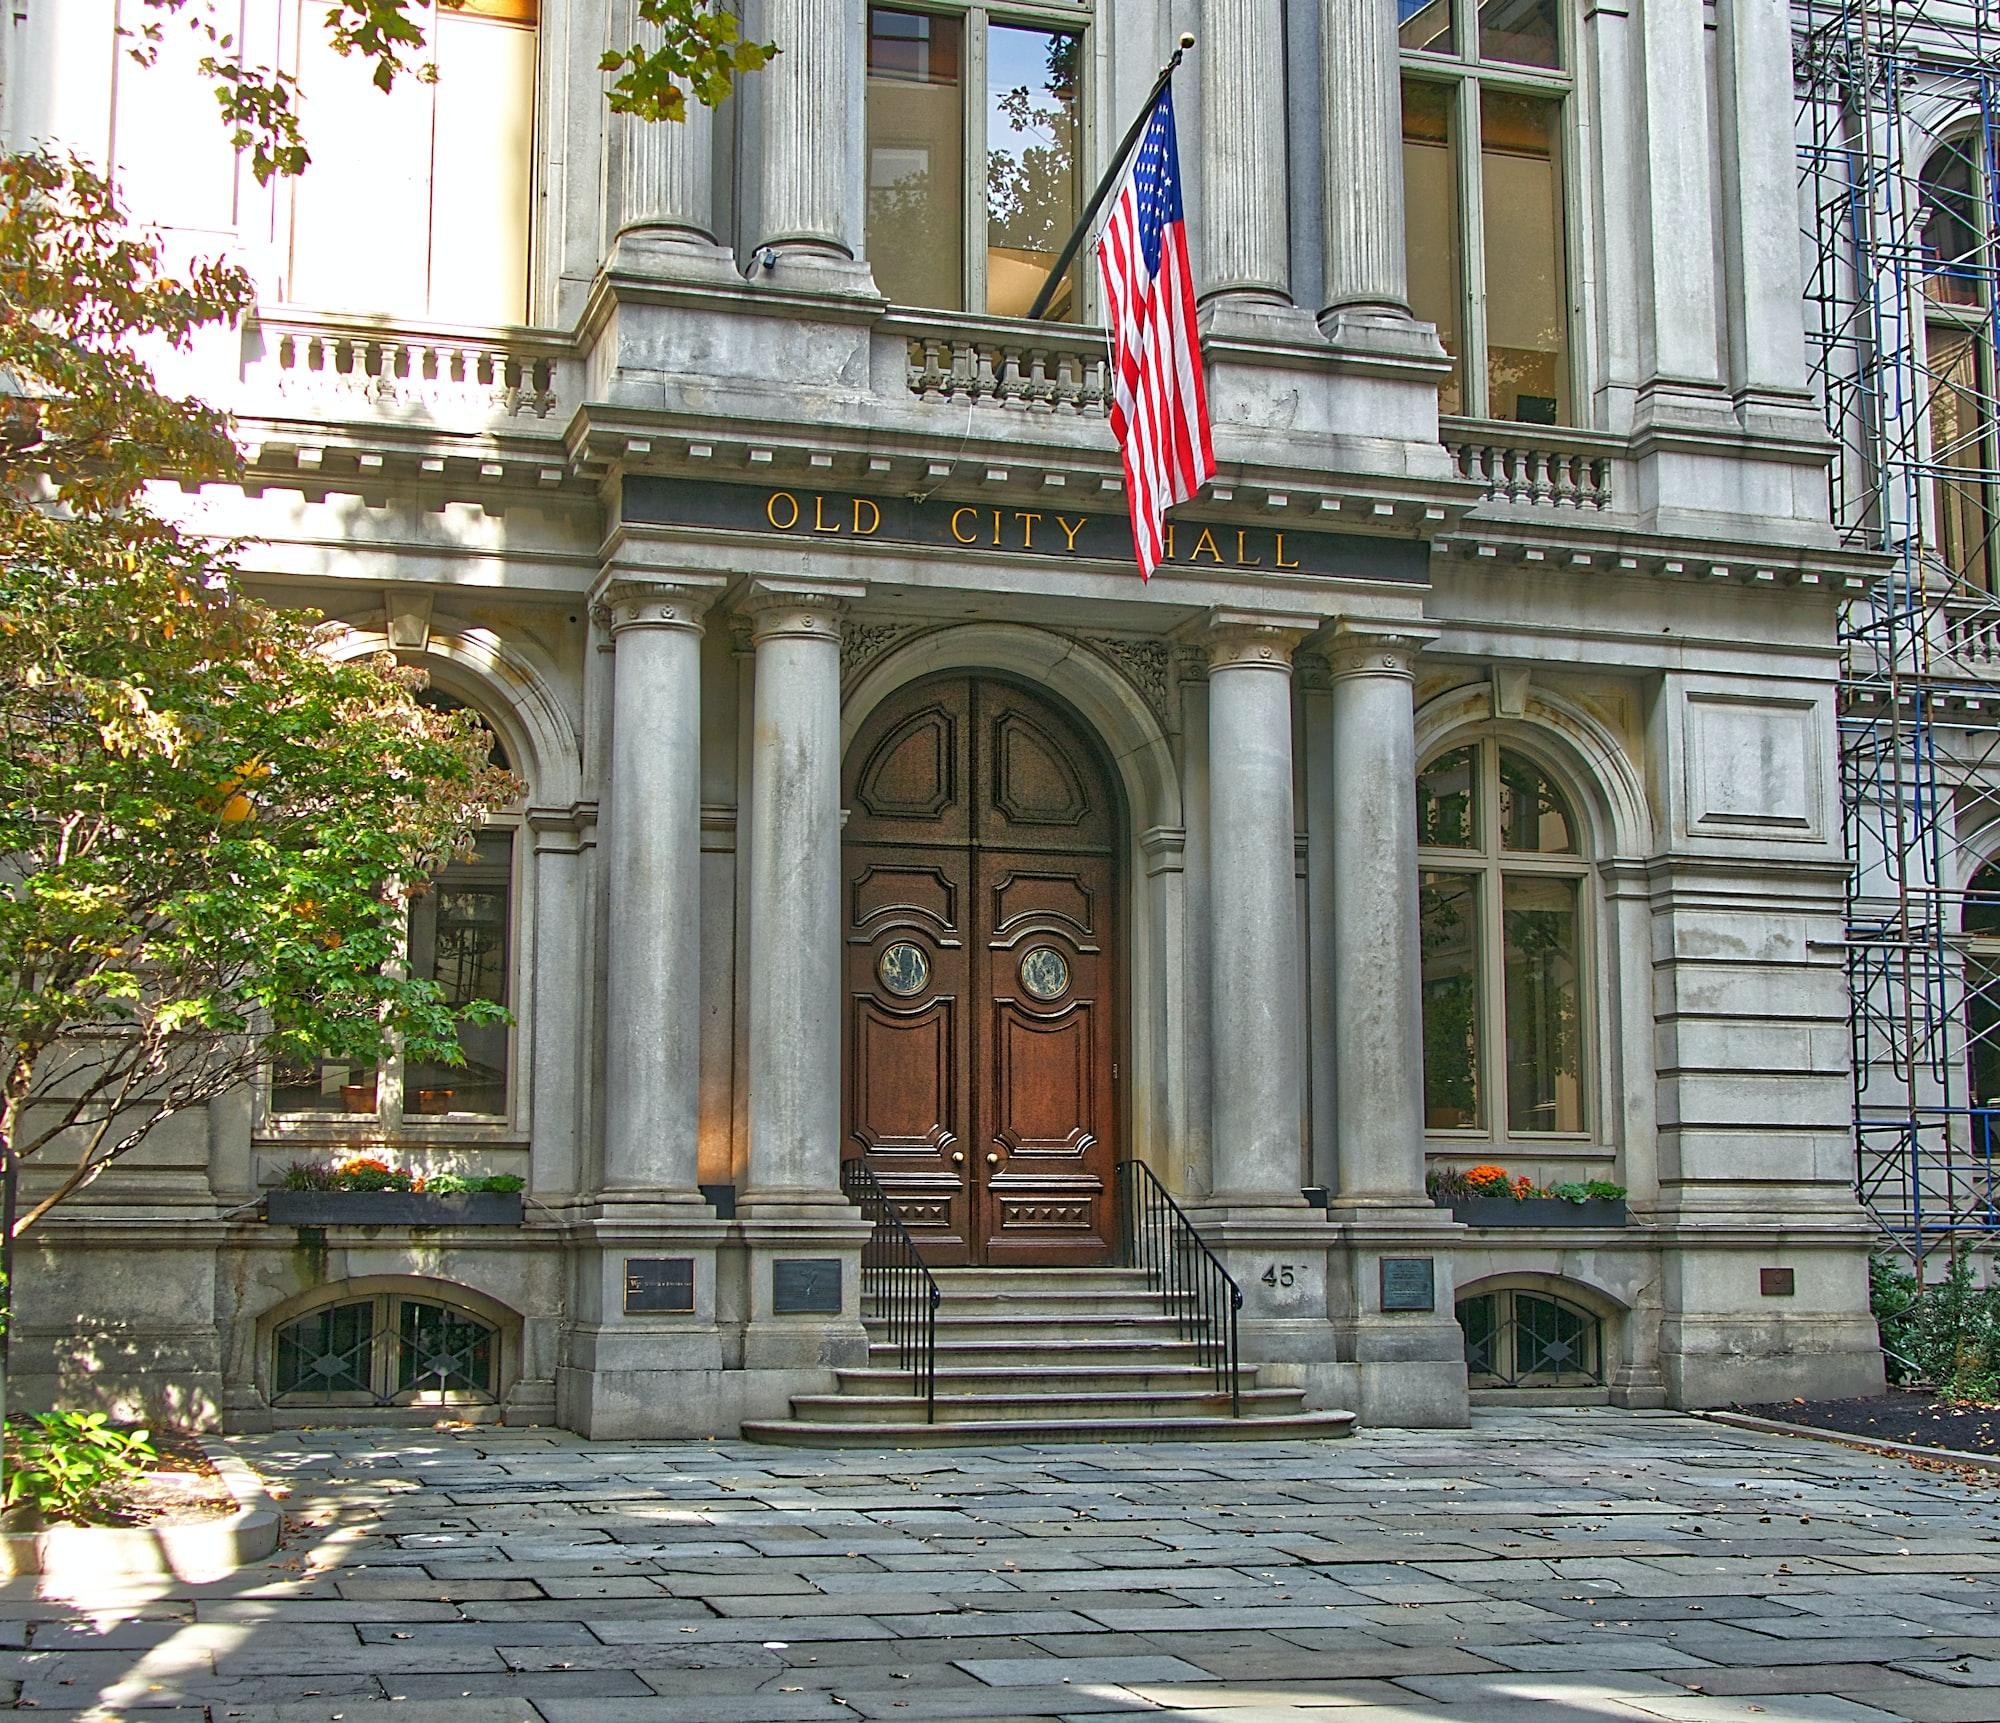 L'ancien hôtel de ville de Boston abrita son conseil municipal de 1865 à 1969. Il fut l'un des premiers bâtiments de style Second Empire français à être construit aux États-Unis.  Les architectes du bâtiment, construit entre 1862 et 1865, étaient Gridley James Fox Bryant et Arthur Gilman.